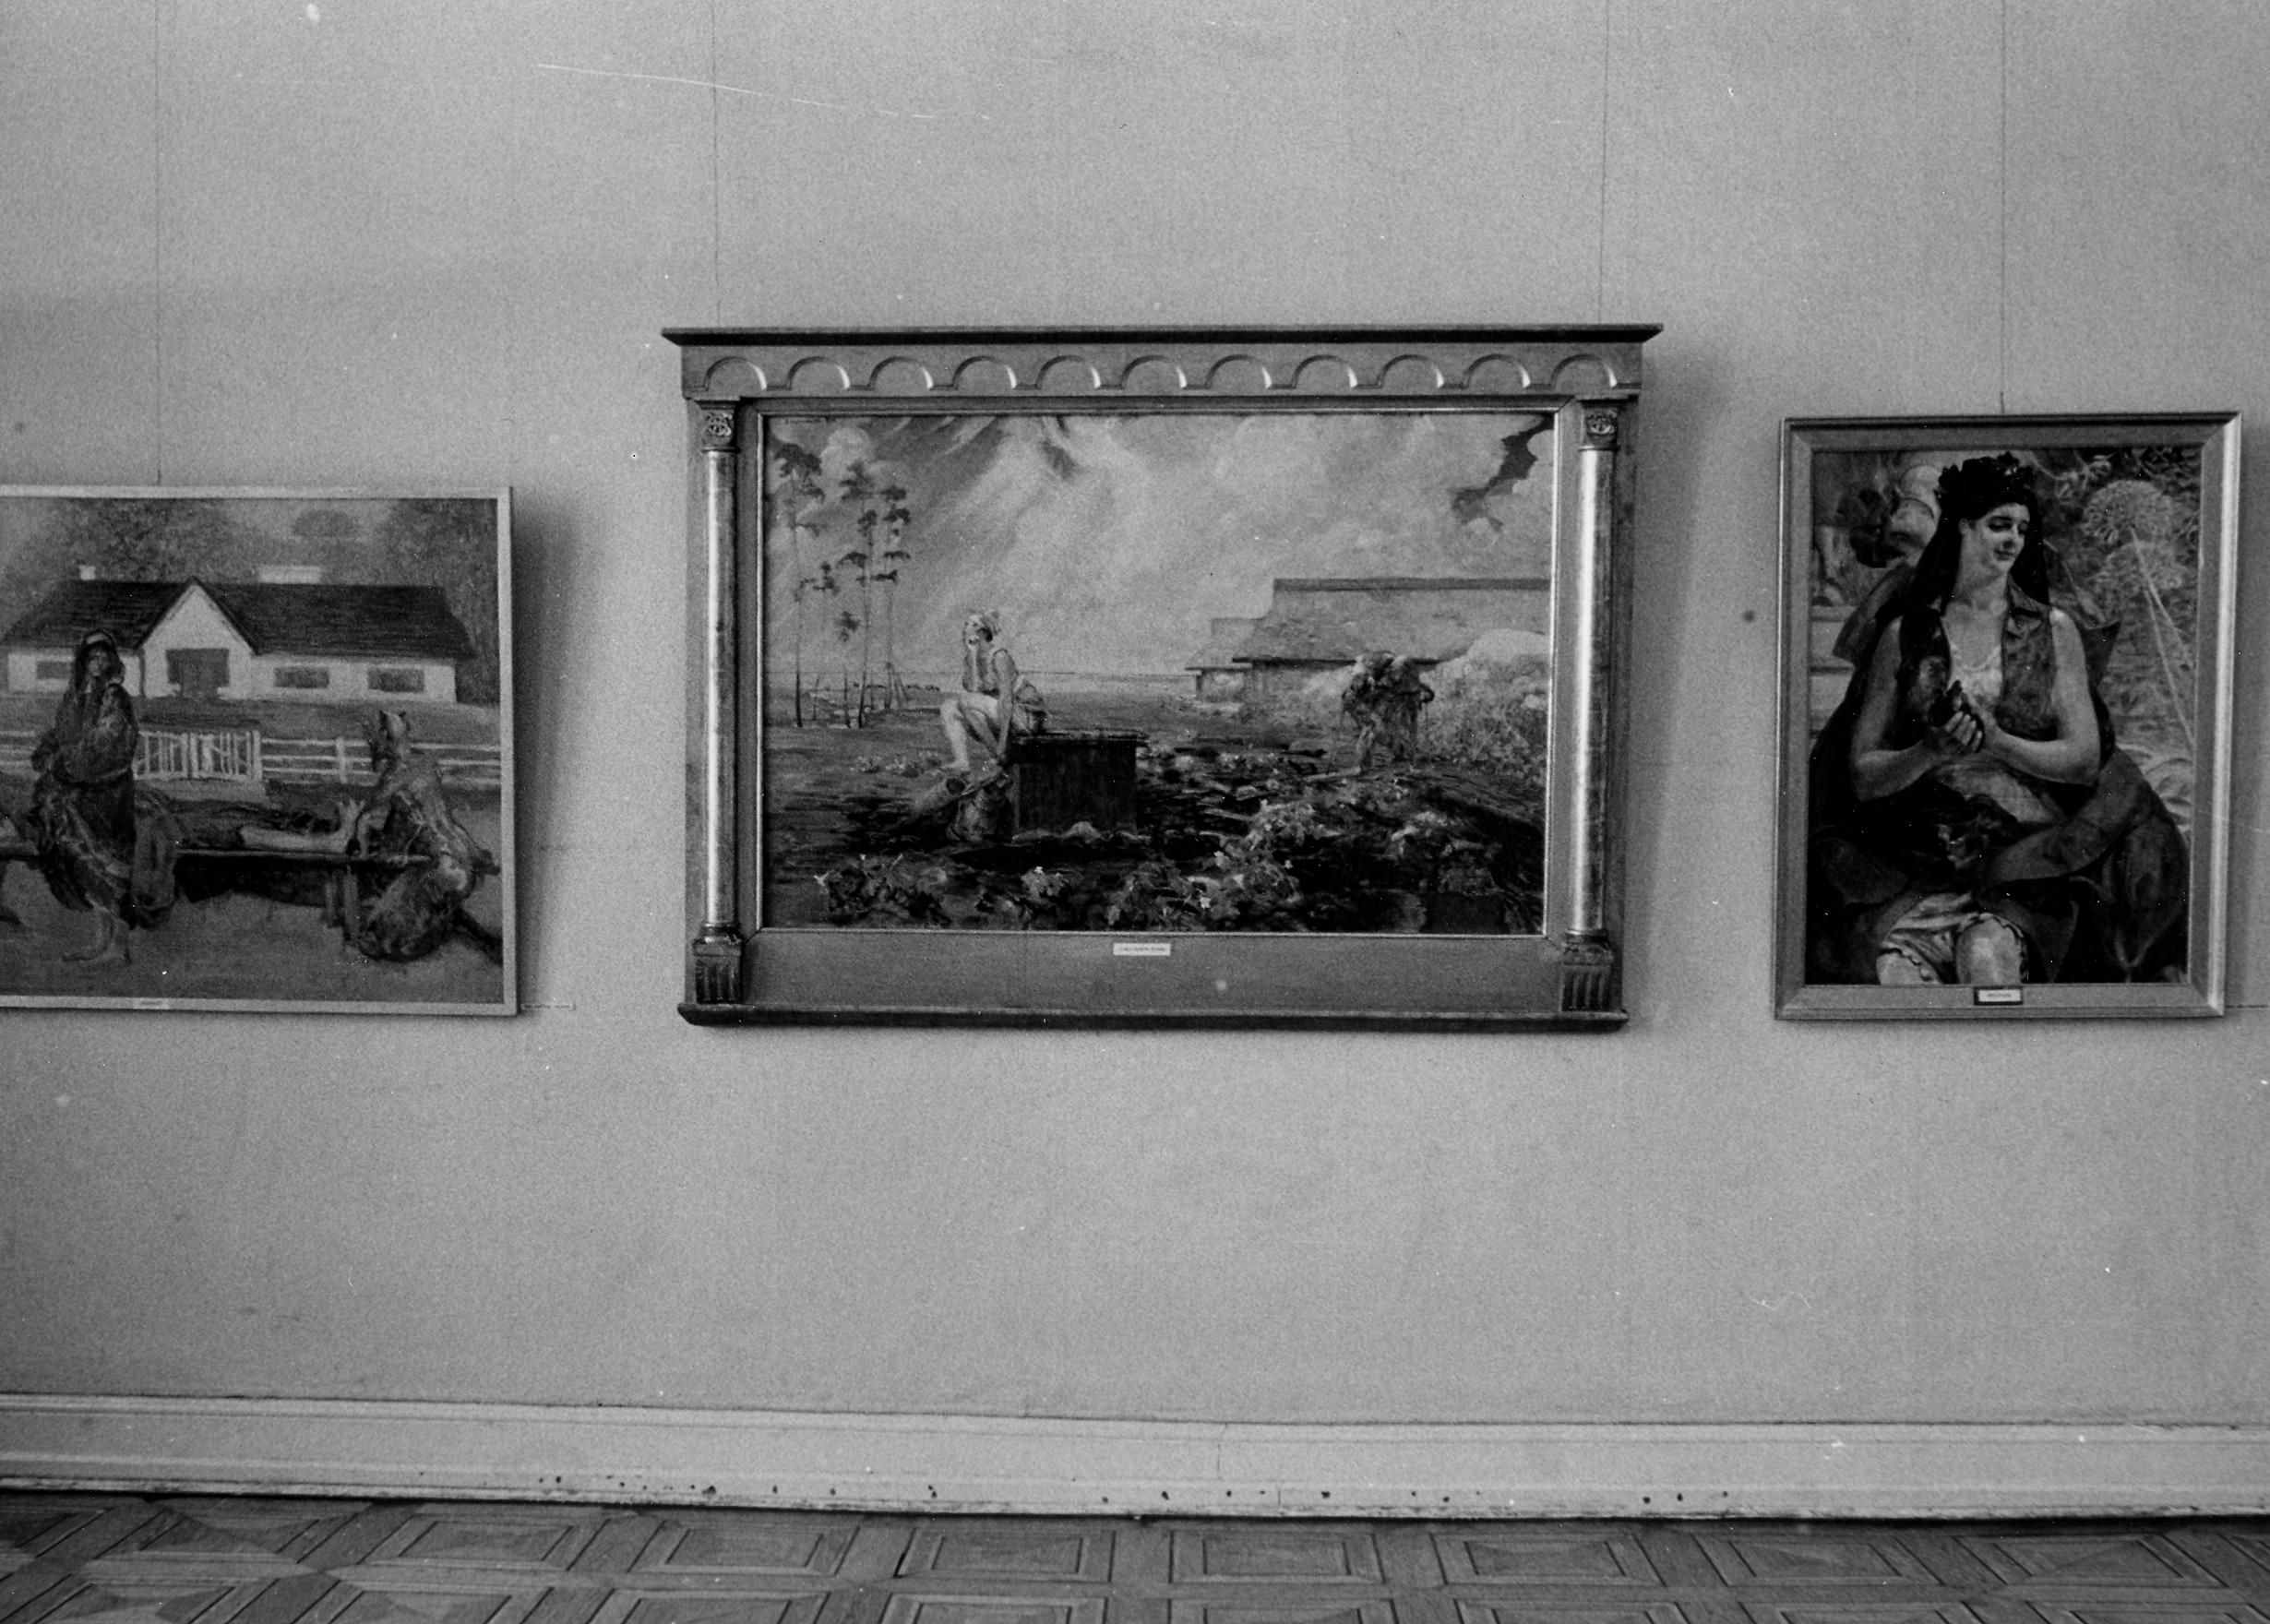 Wystawa prac Jacka Malczewskiego w Muzeum Sztuki w Łodzi, źródło: msl.org.pl